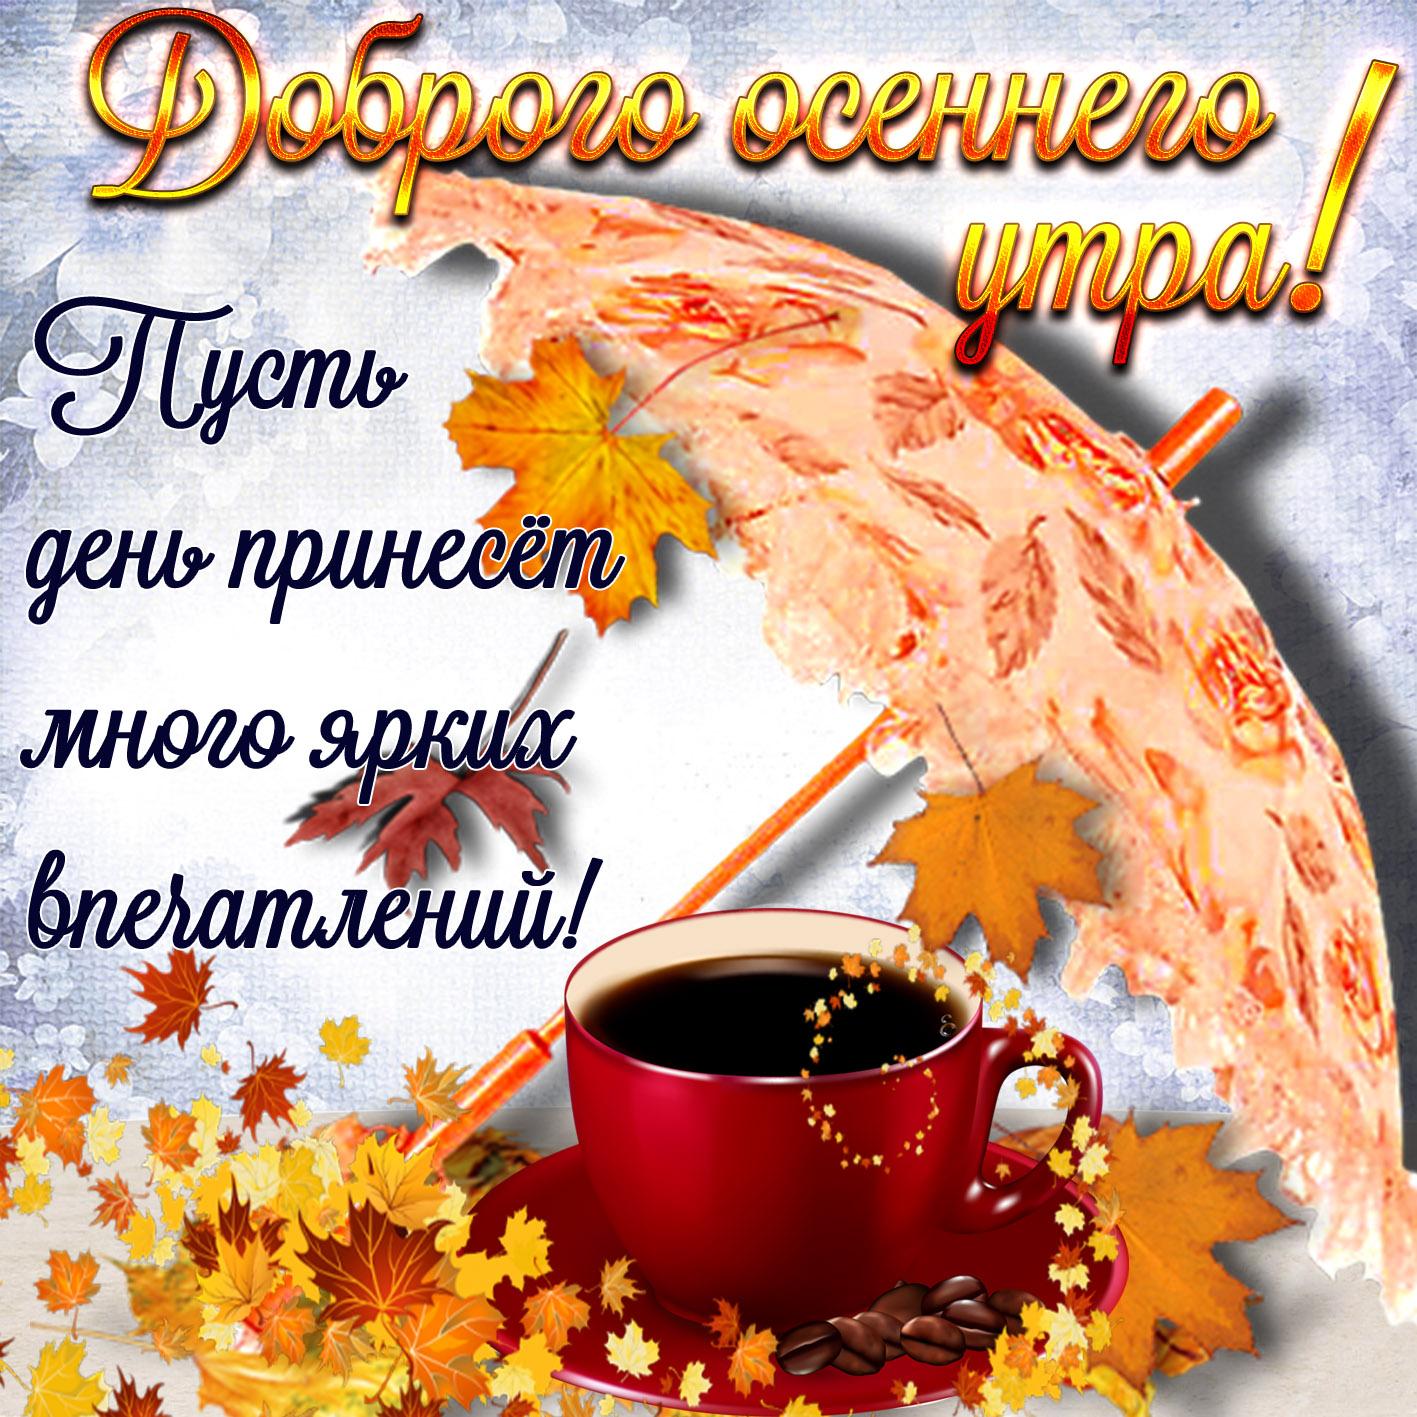 Доброго сентябрьского утра и хорошего дня картинки красивые